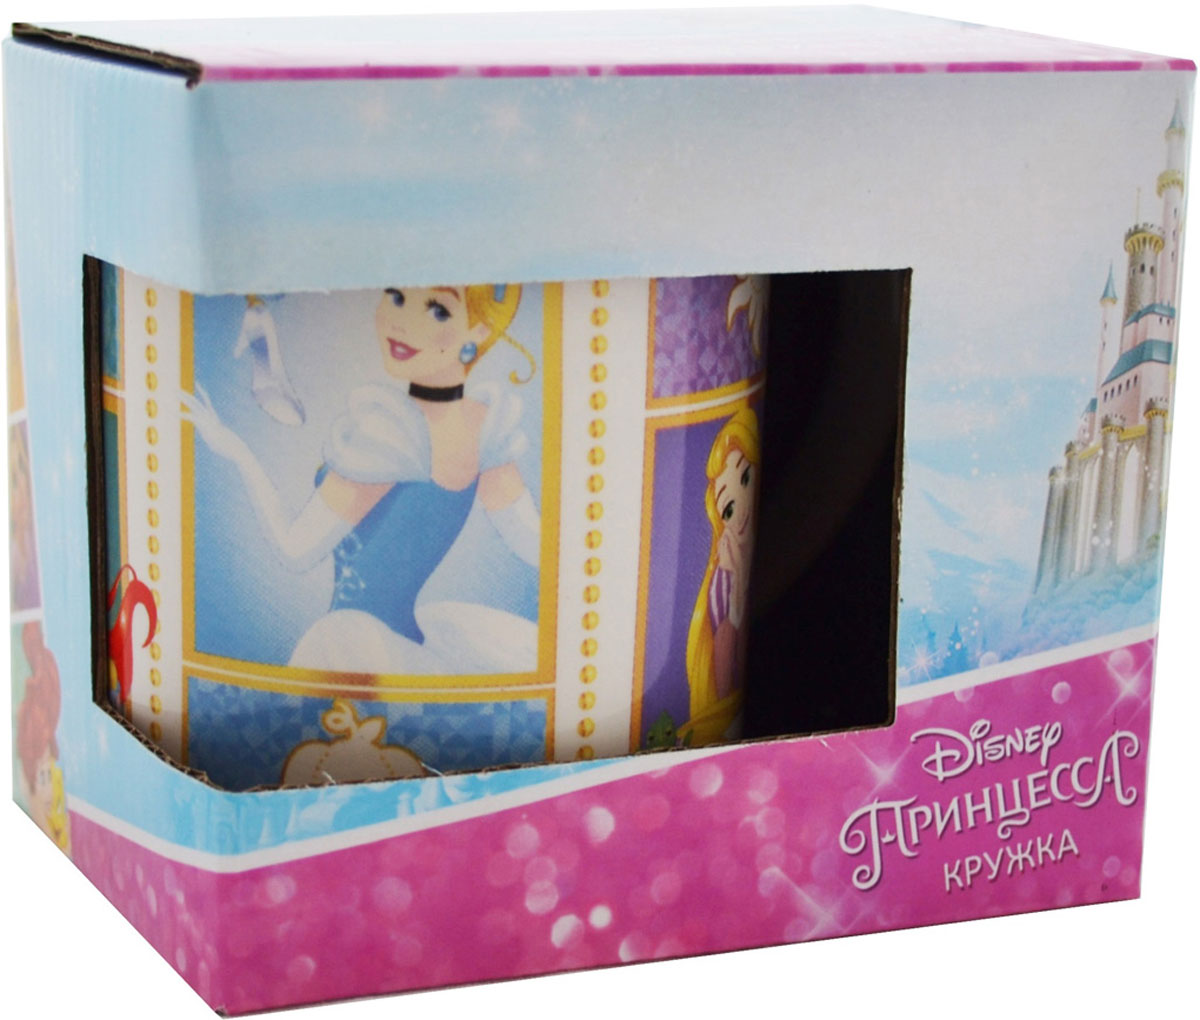 Фото - Disney Кружка детская Принцесса Будь собой! 240 мл в подарочной упаковке кружка детская disney софия 27015